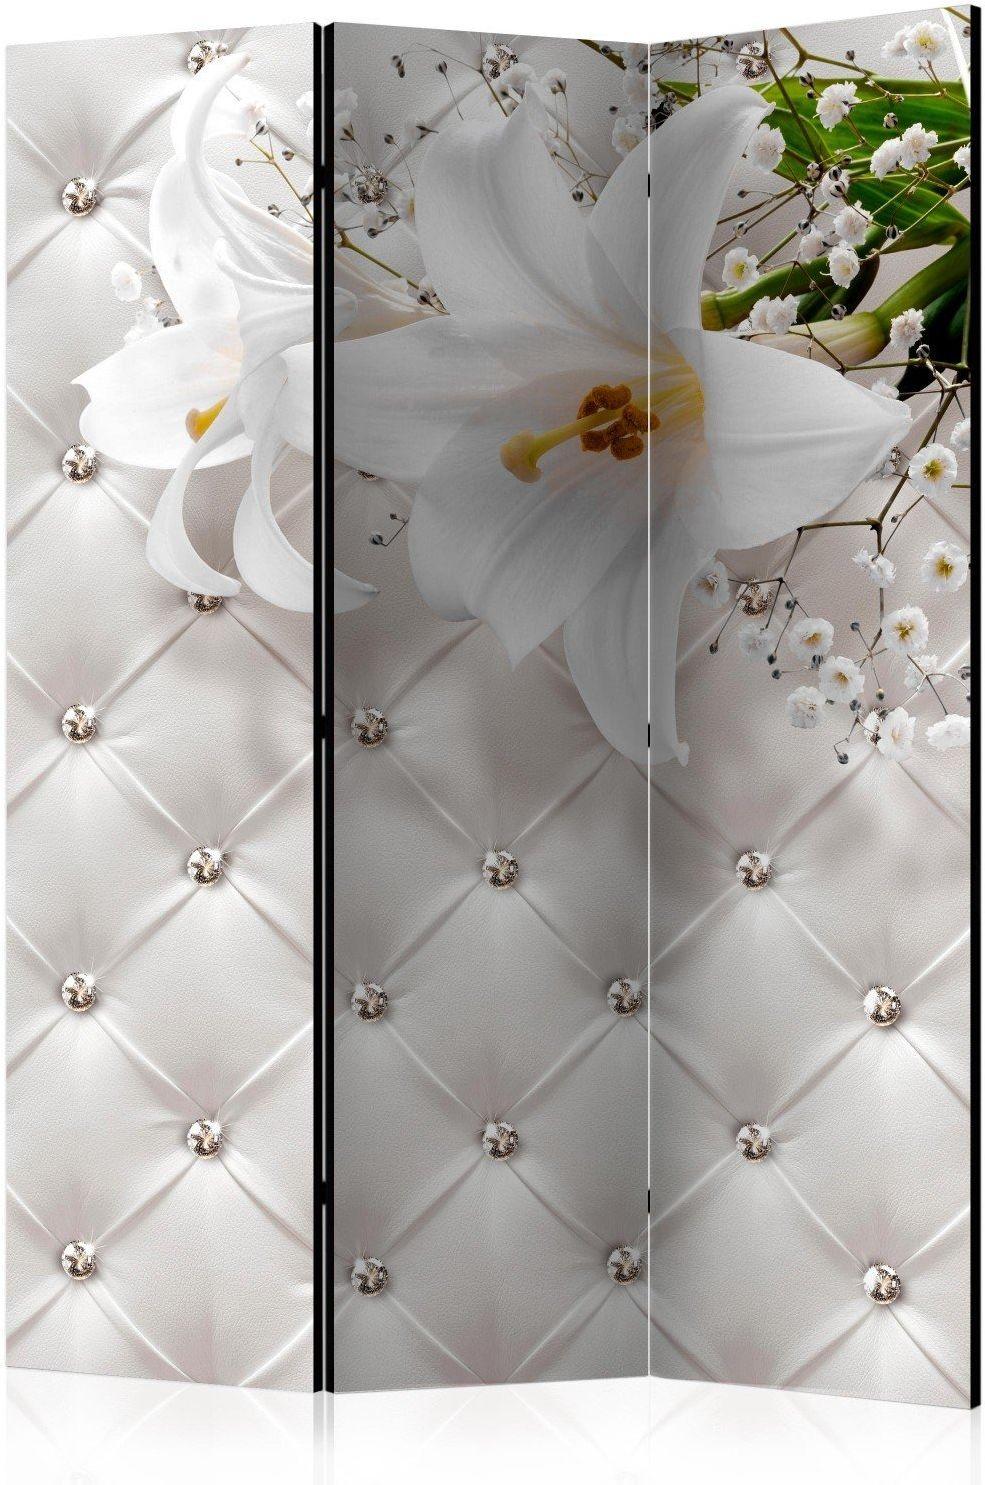 Parawan 3-częściowy - królestwo elegancji [room dividers]